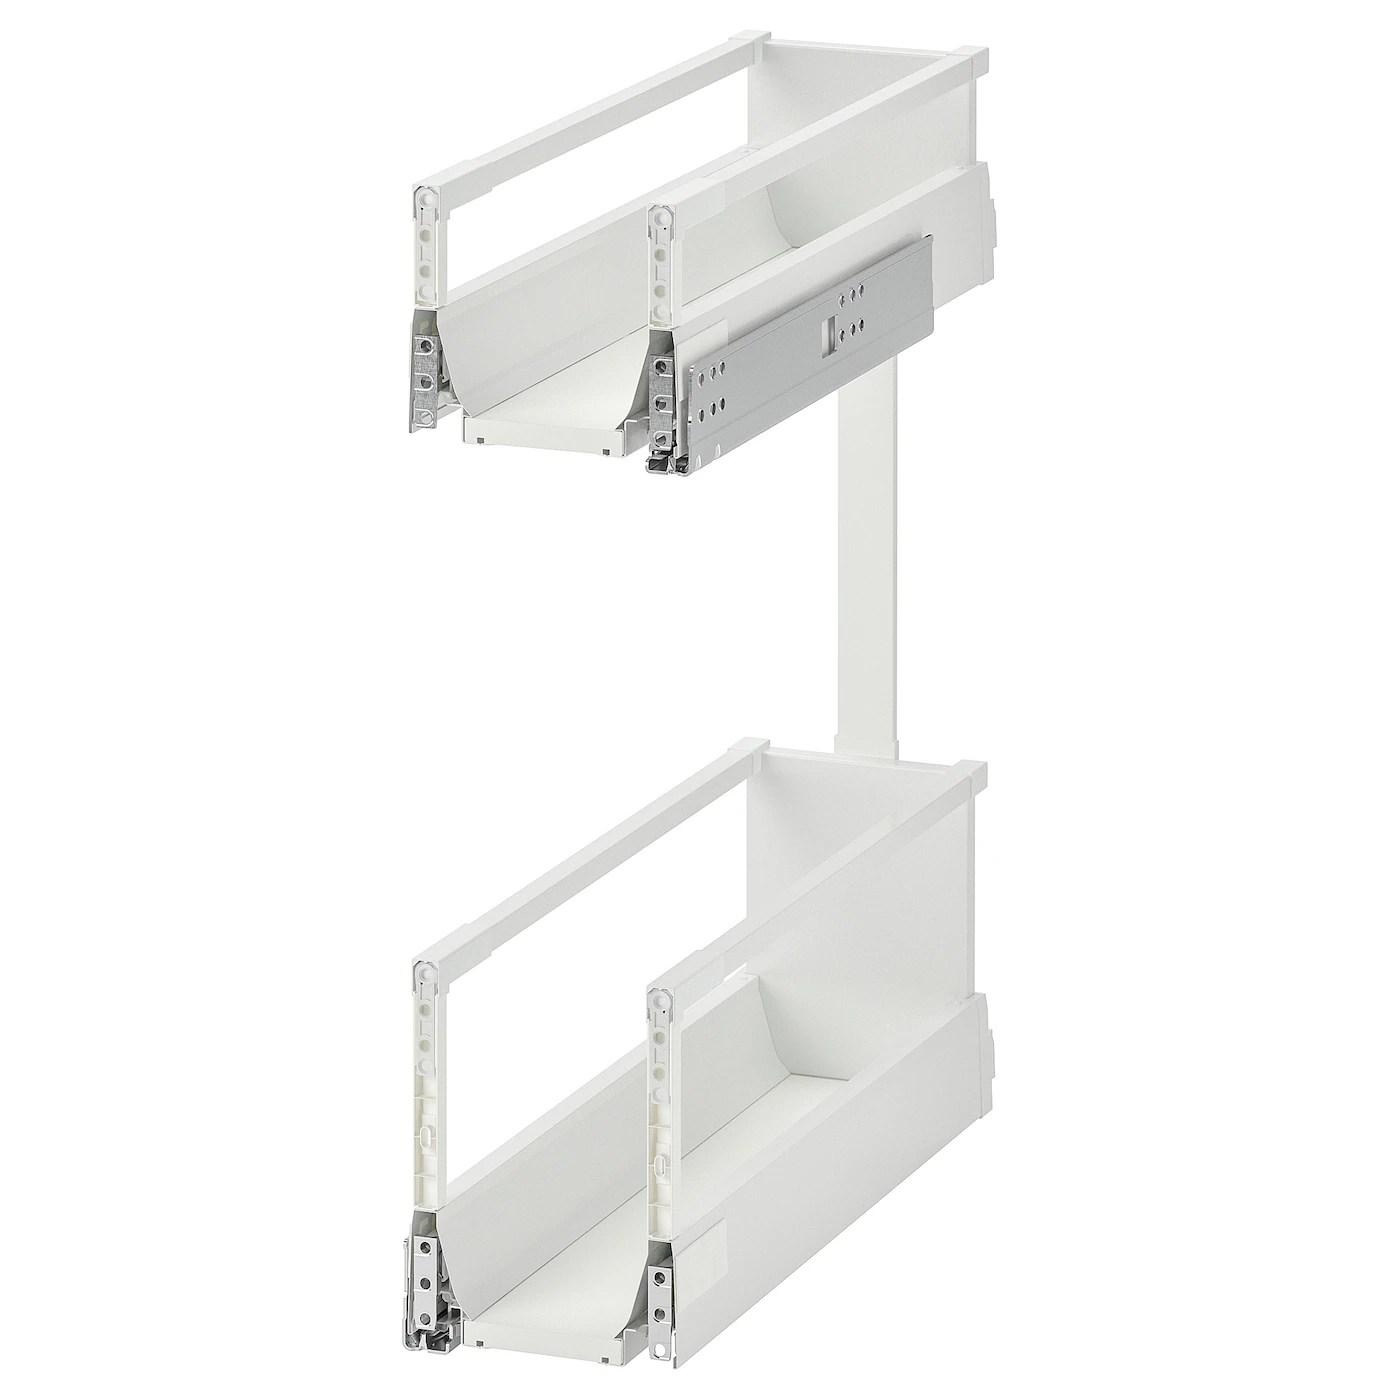 Piccoli dettagli e grandi differenze: Accessori Interni Per Mobili Ikea Svizzera